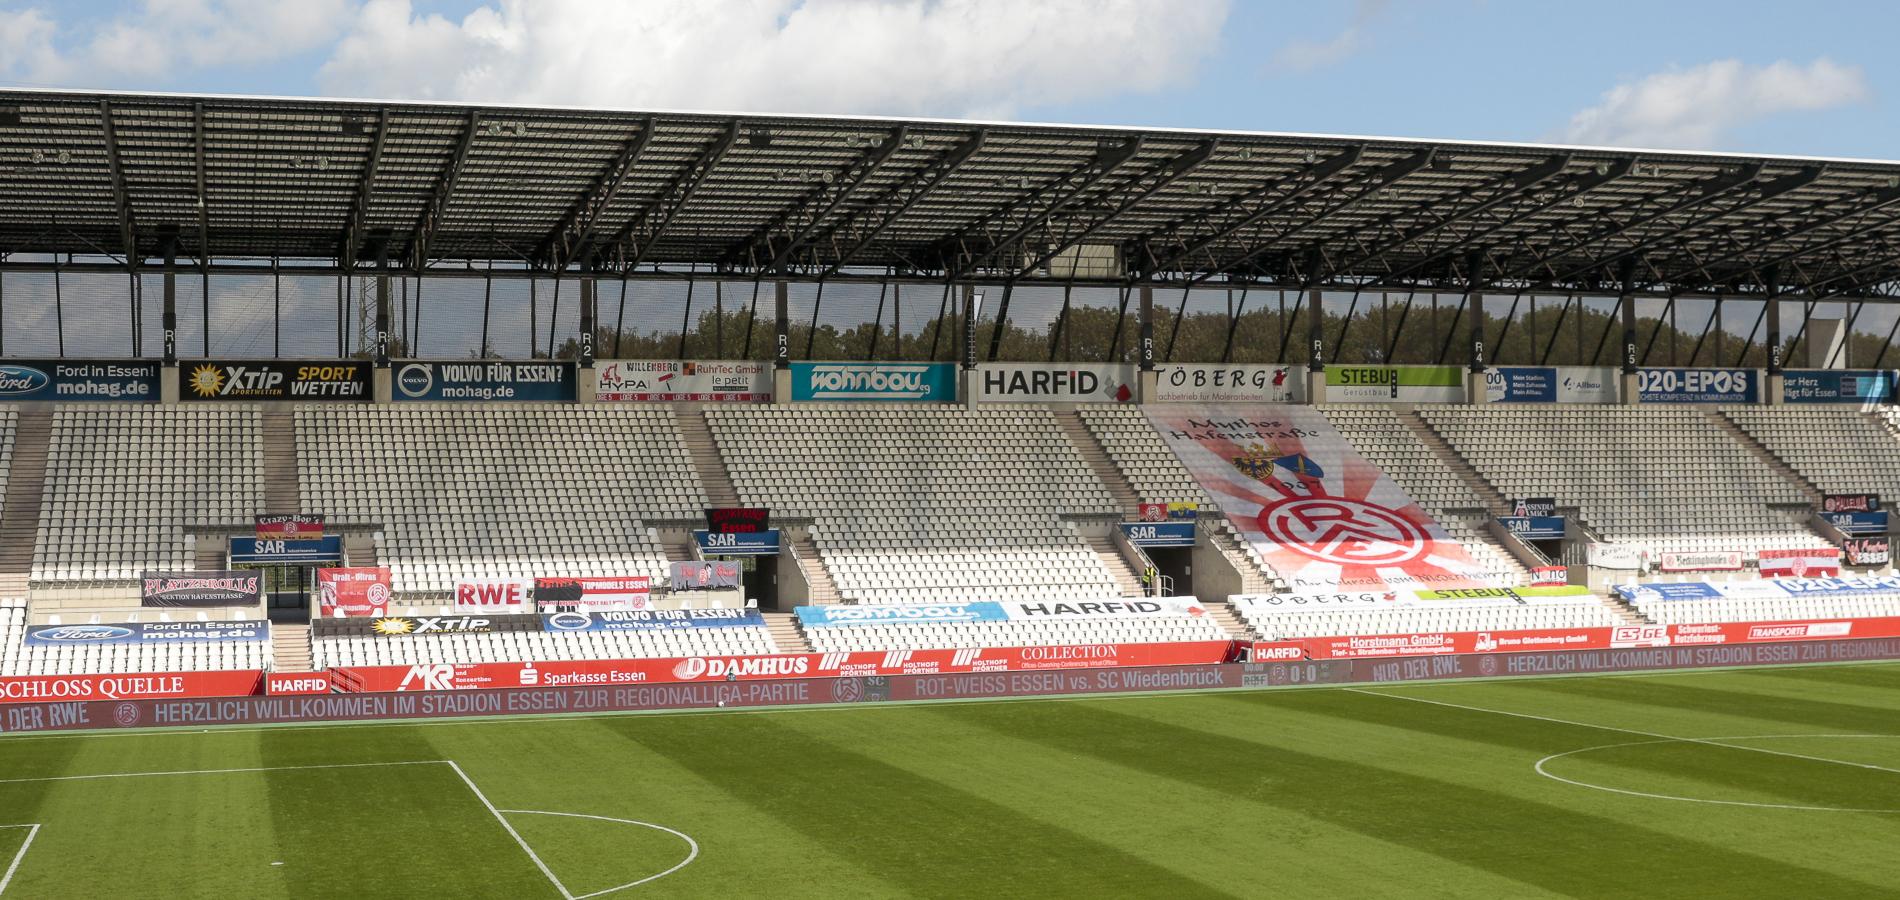 Bereits gegen Bielefeld spannten einige Rot-Weisse auf Aufruf von RWE und FFA Fahnen über die Rahn-Tribüne. (Foto: Endberg)